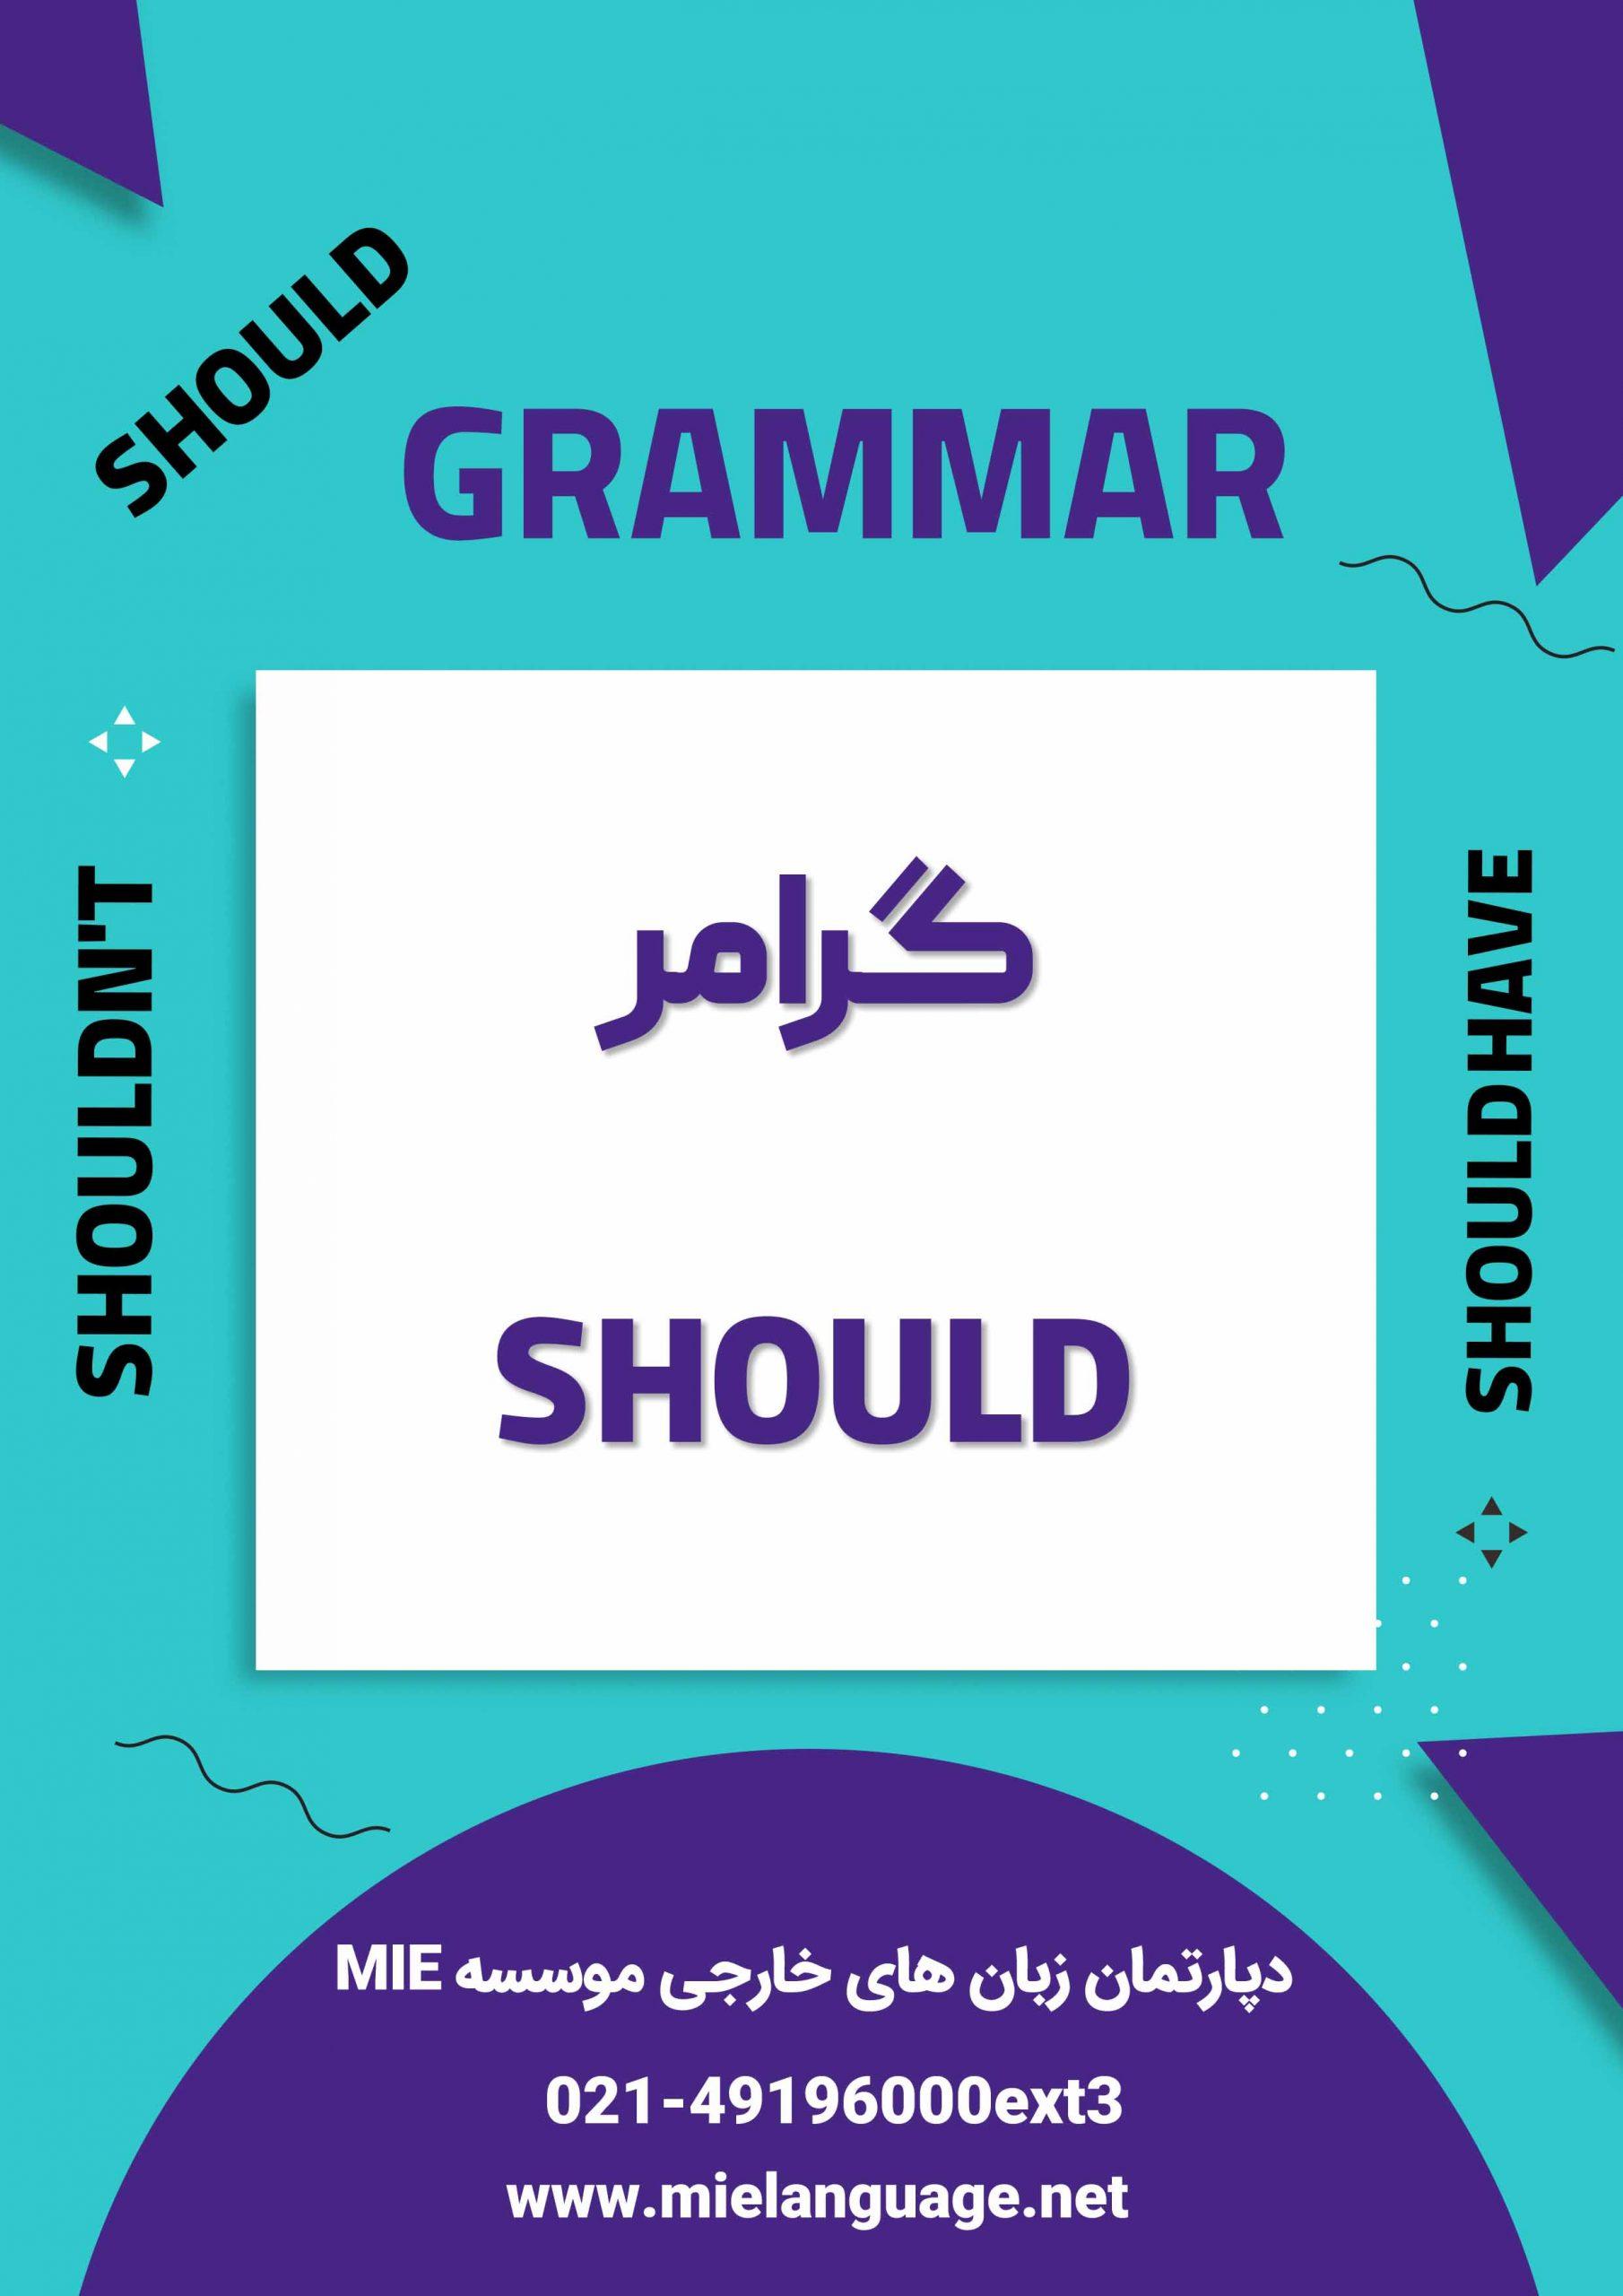 کاربرد should در زبان انگلیسی